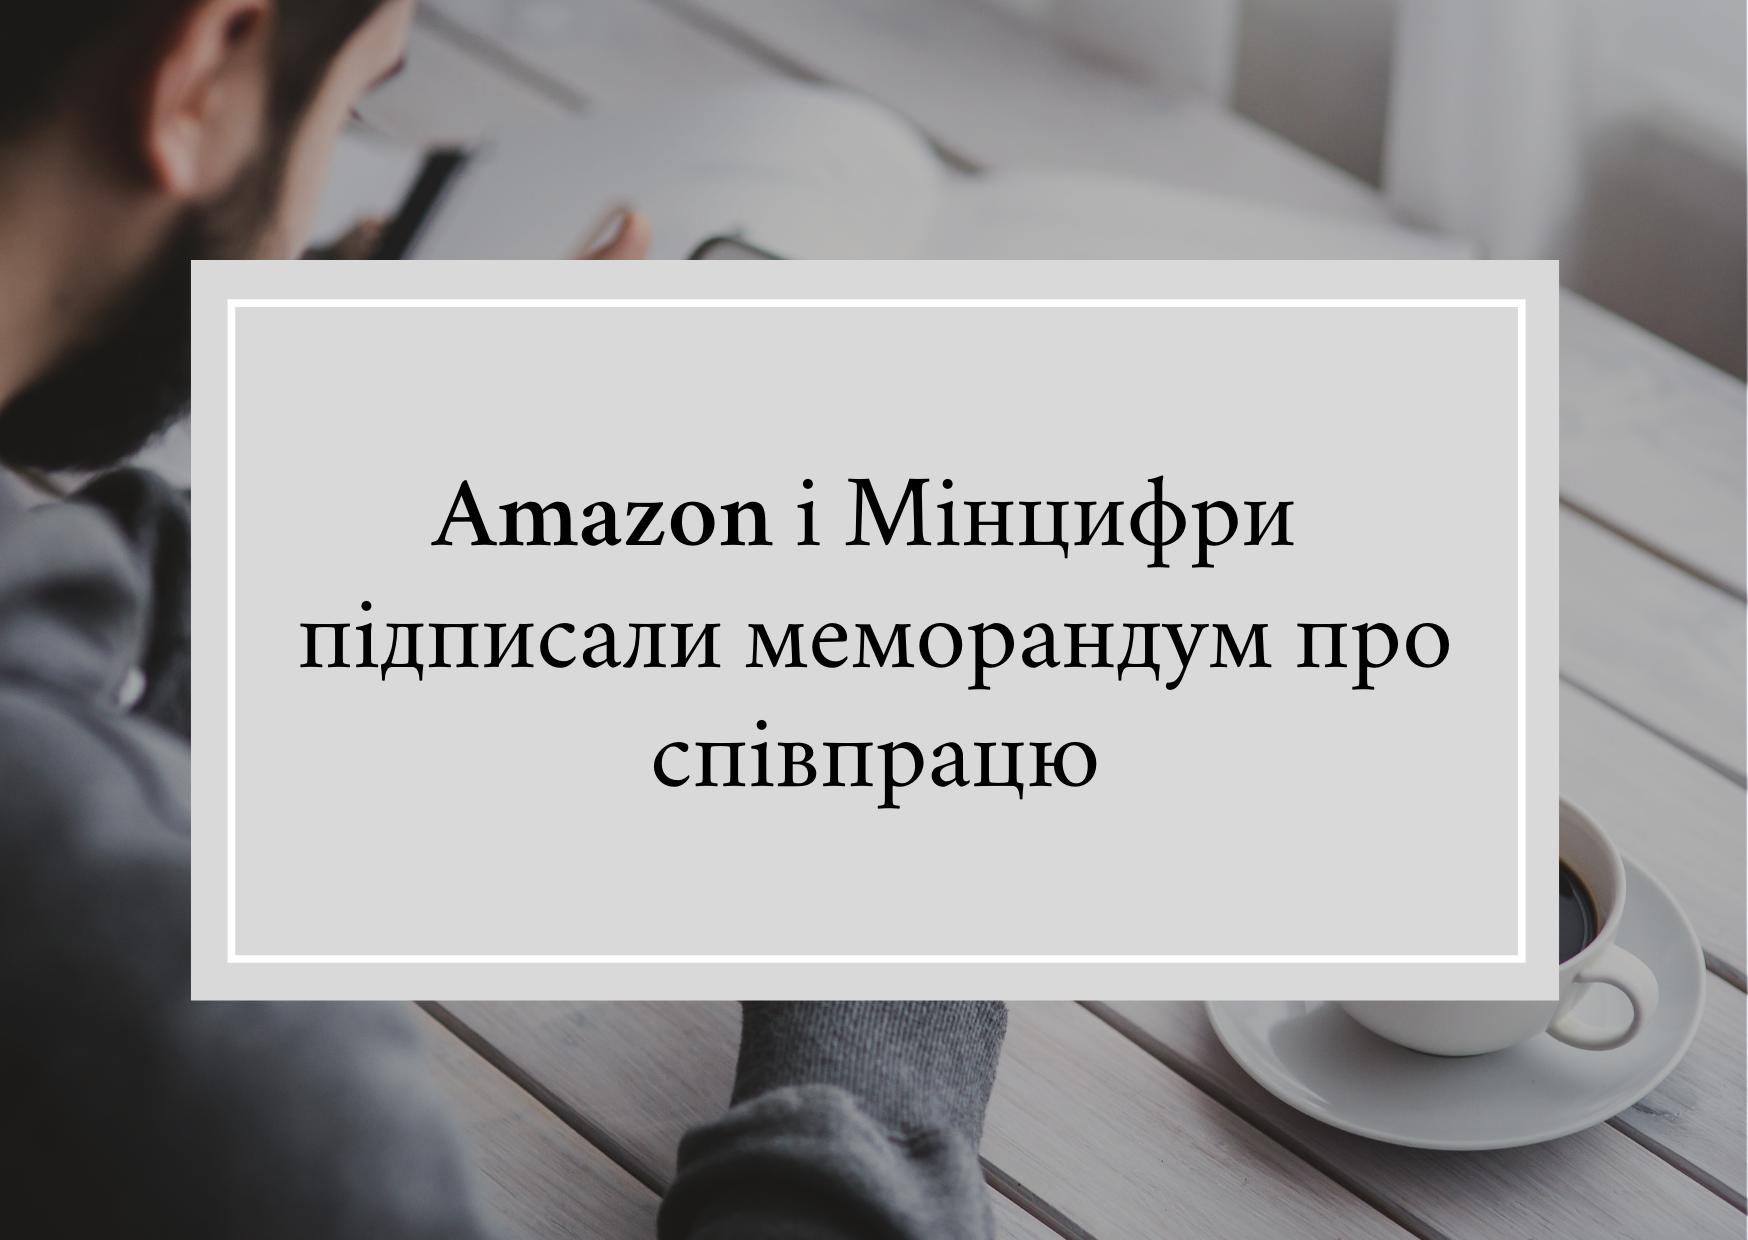 Amazon підписала меморандум з Україною